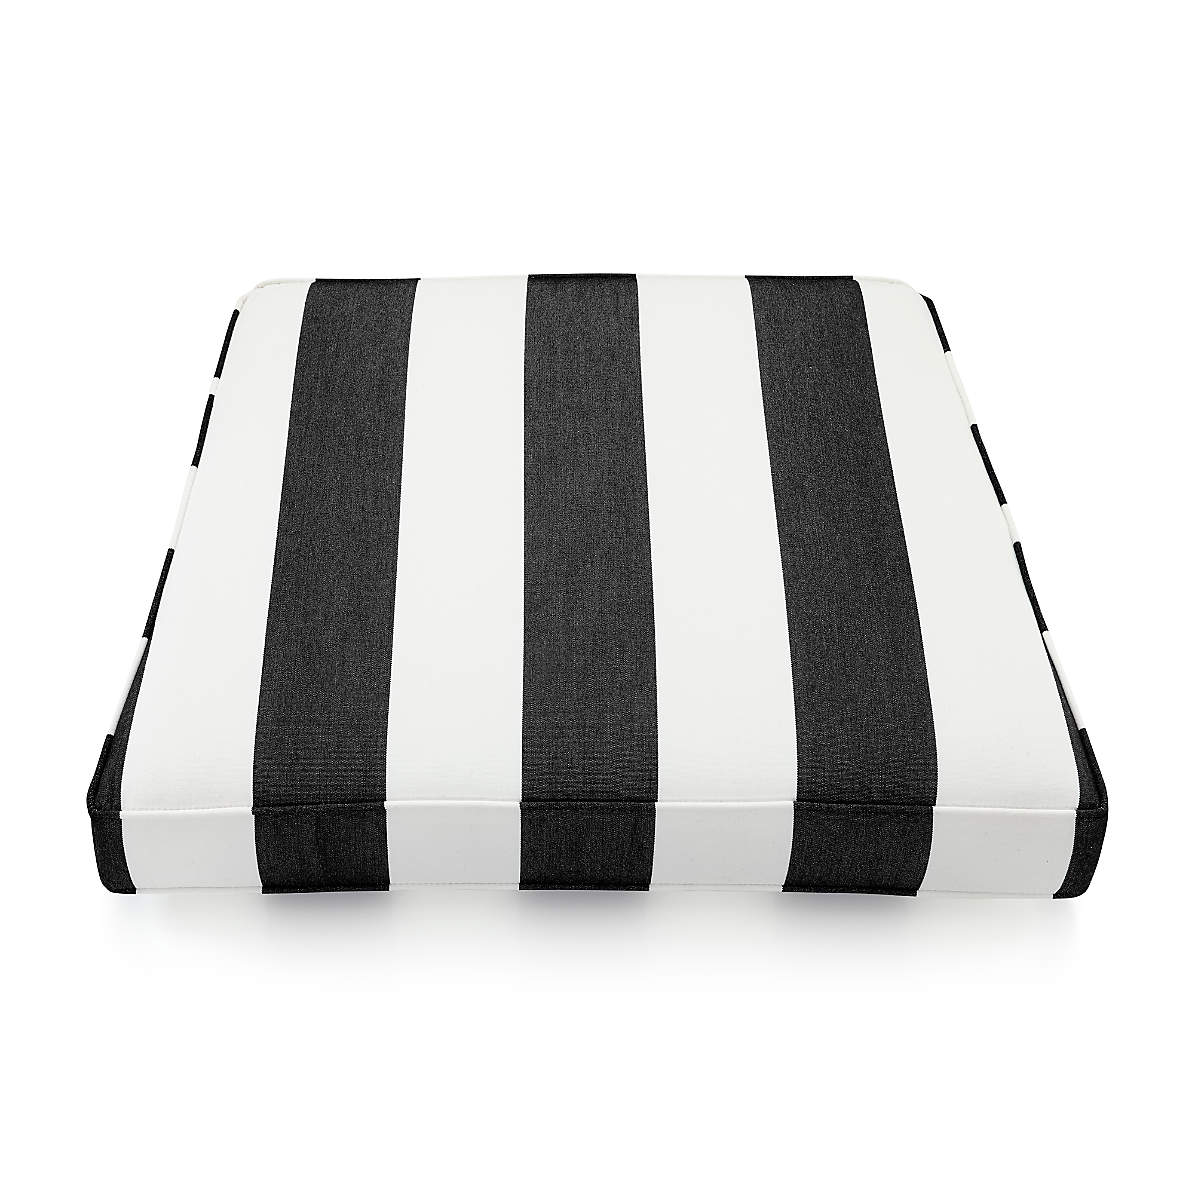 Regatta Cabana Stripe Black Sunbrella Lounge Chair Cushions Crate And Barrel